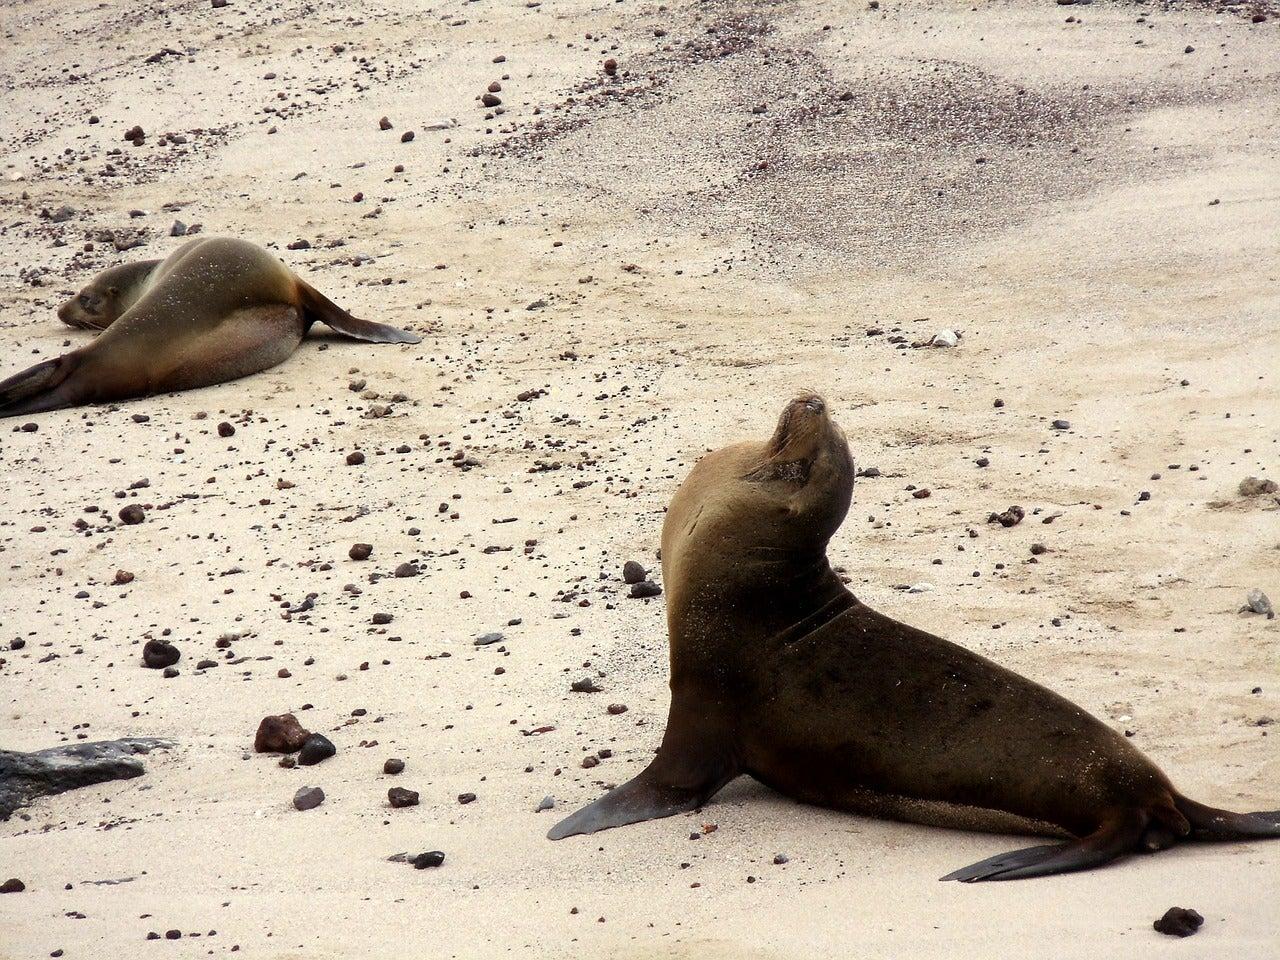 galapagos leone marino cose da fare ecuador edreams blog di viaggi